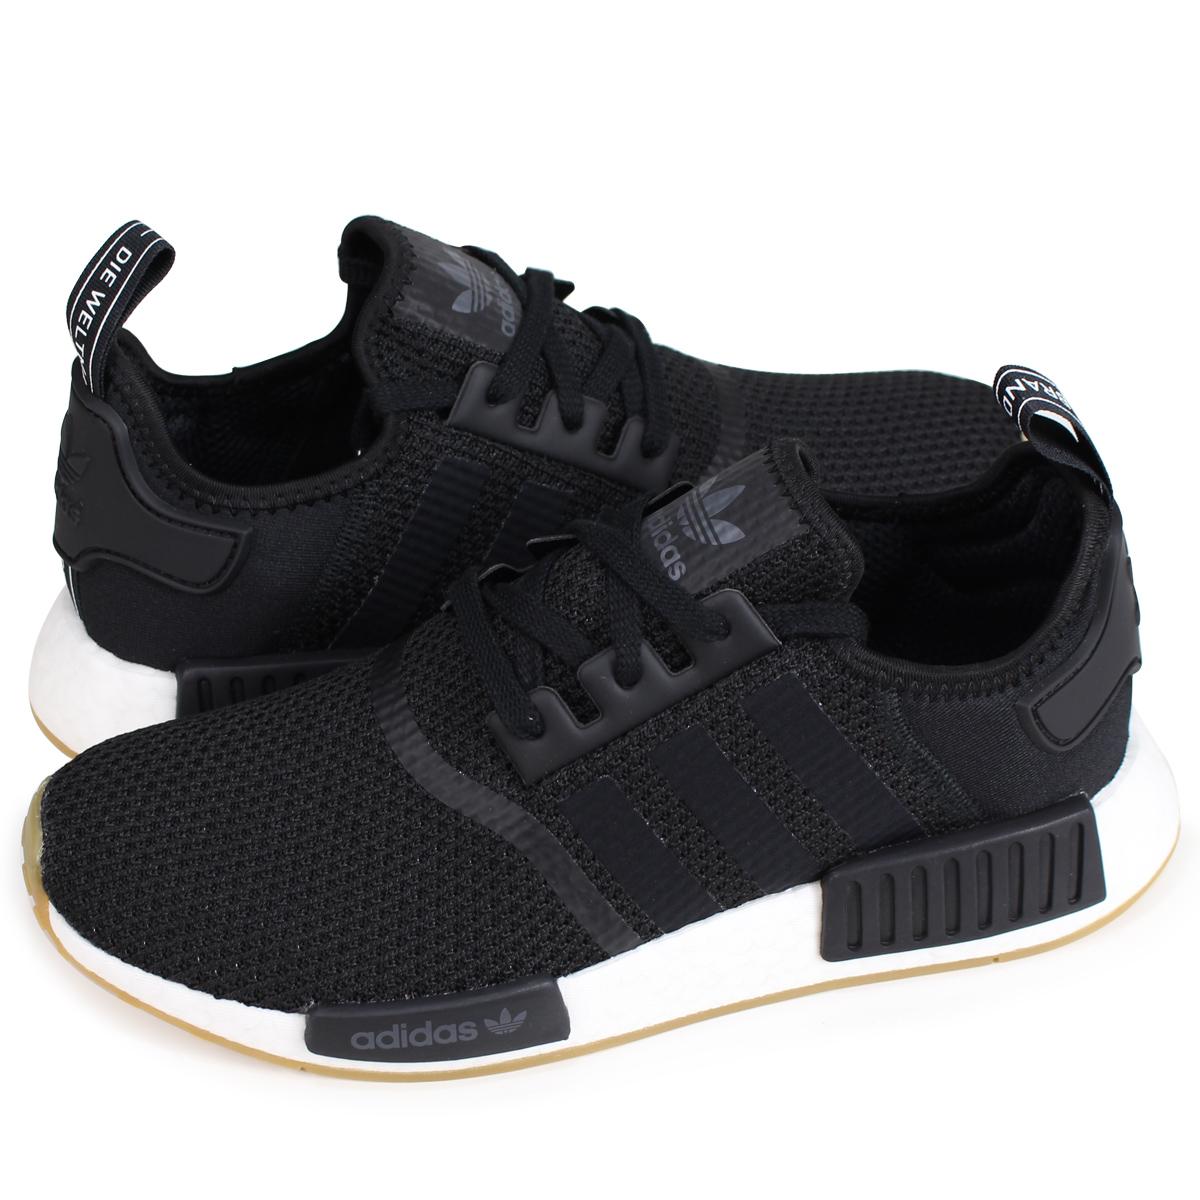 Come Va Lo Adidas Sport Rakuten Mercato Globale: Adidas Lo Originali Nmd R1 82599f